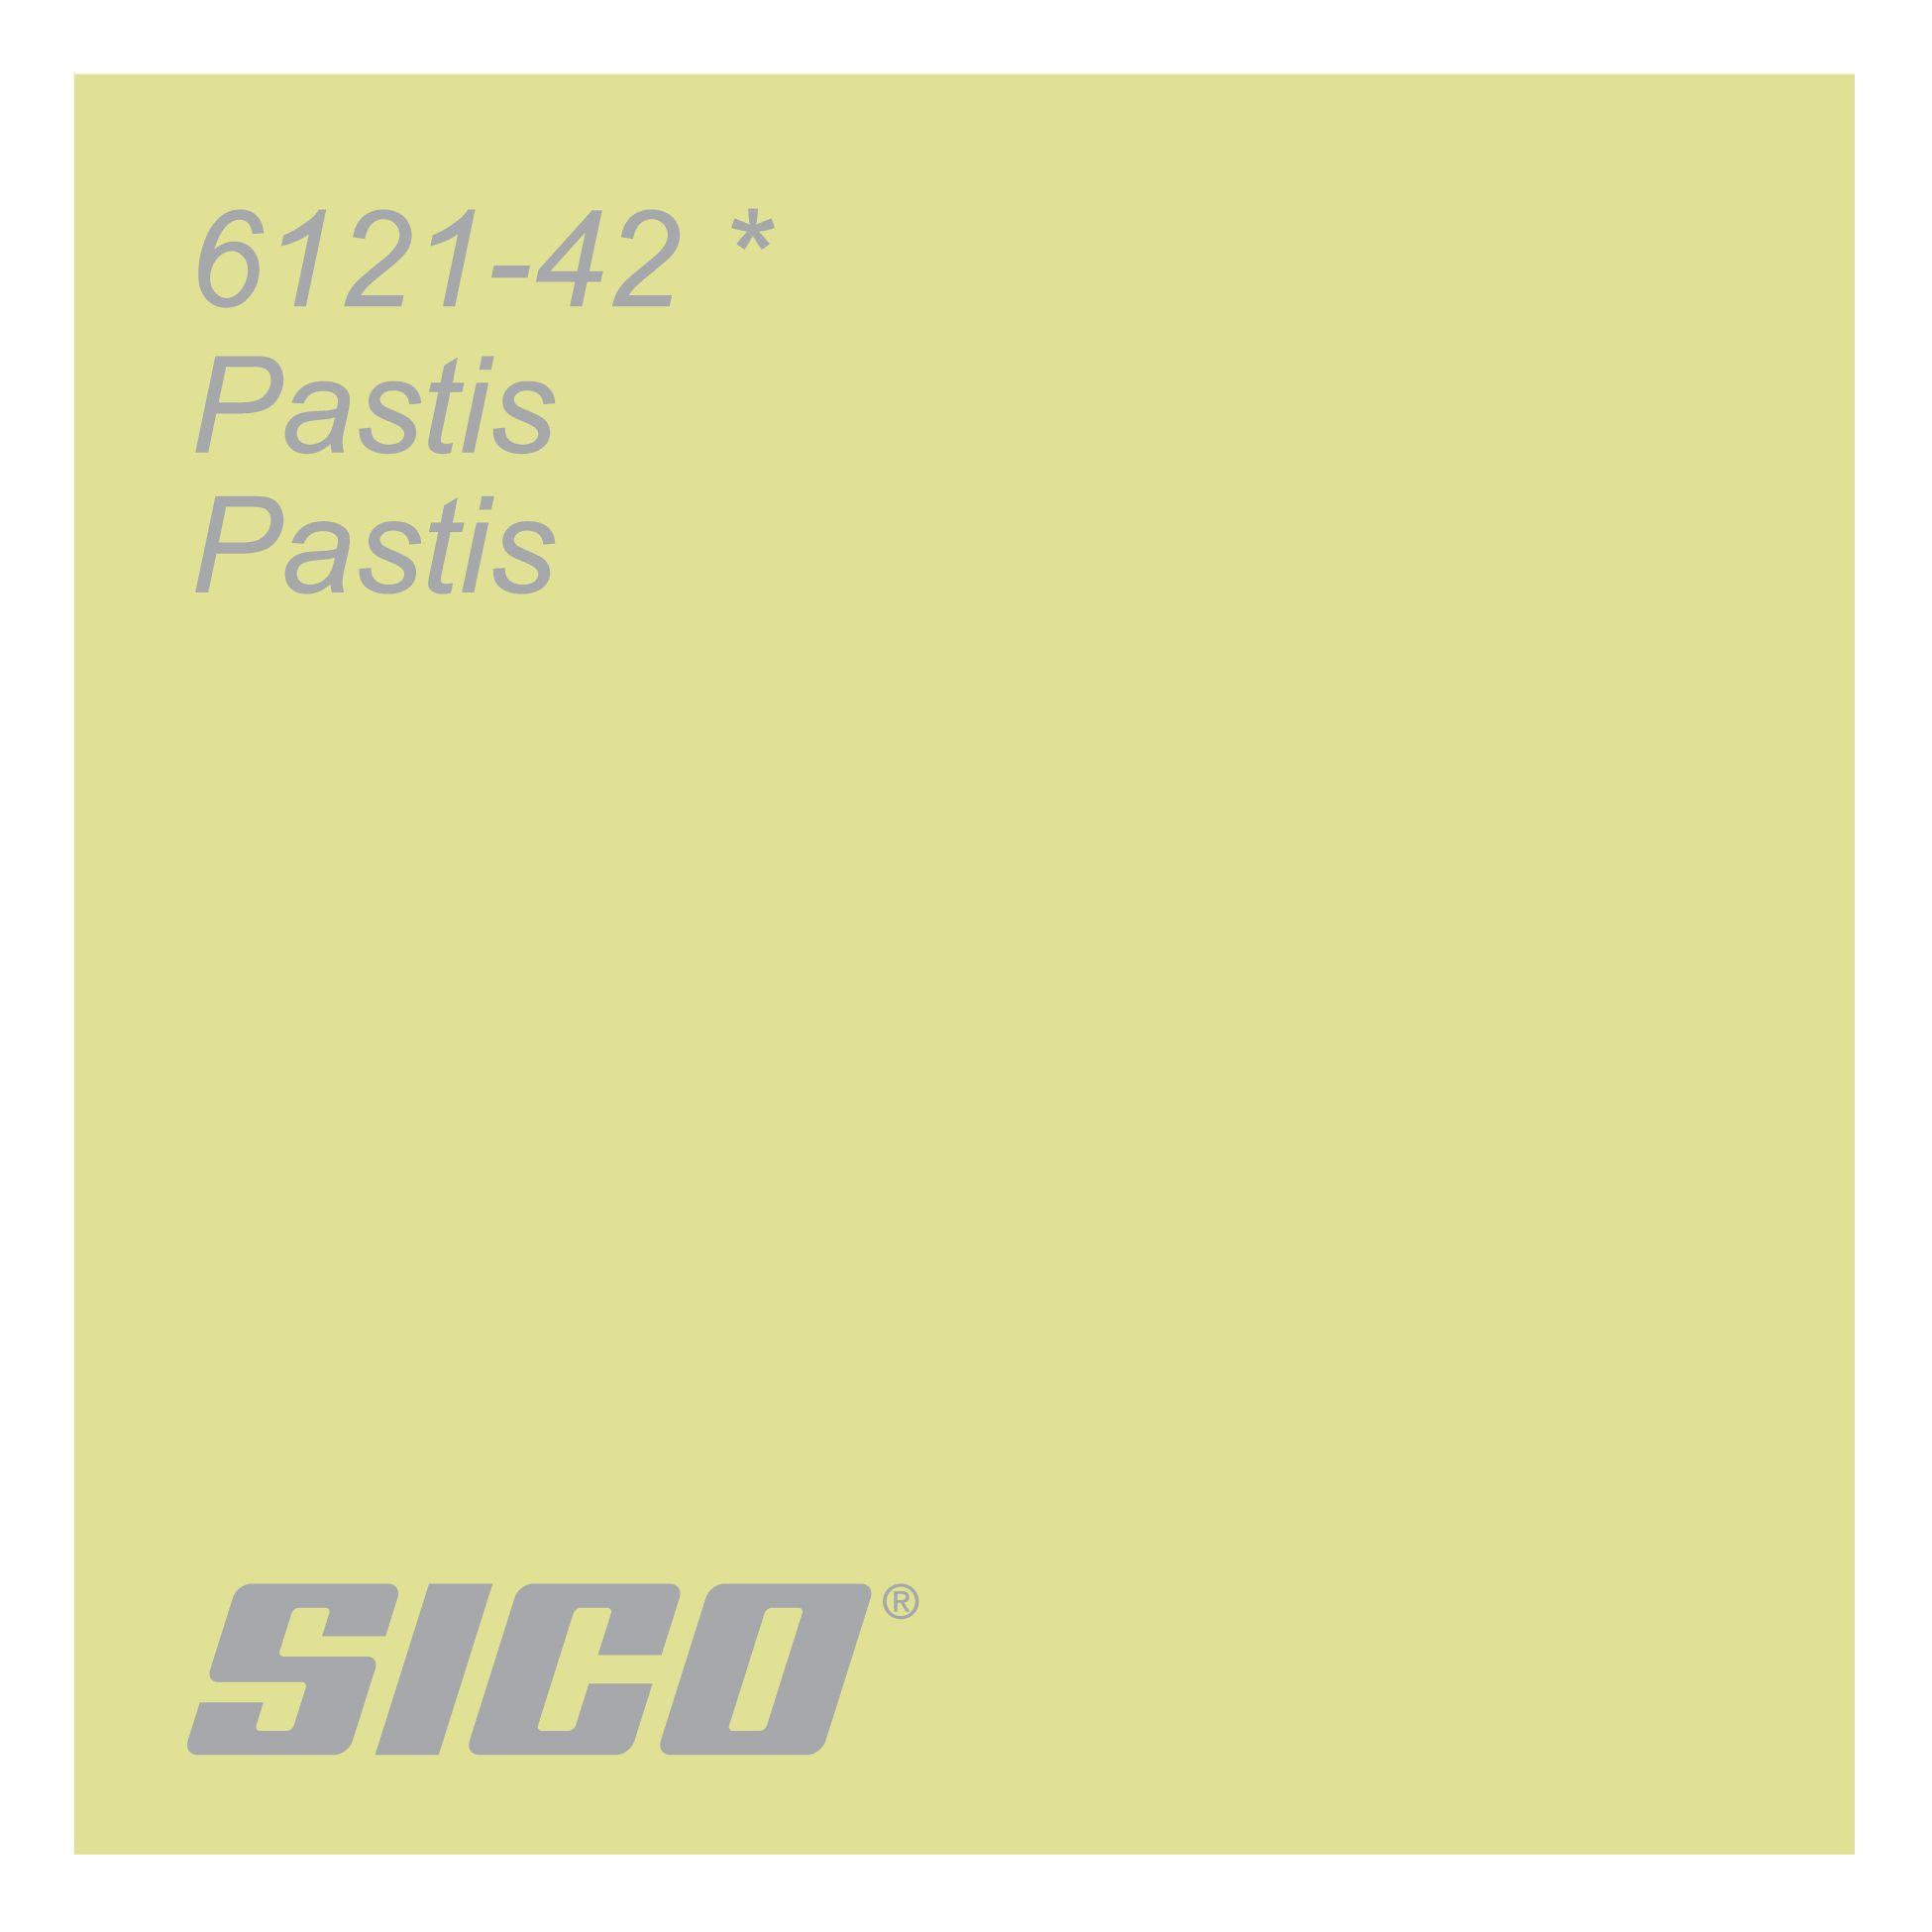 Pastis Paint Colour By Sico Paints - Pastis, Couleur De